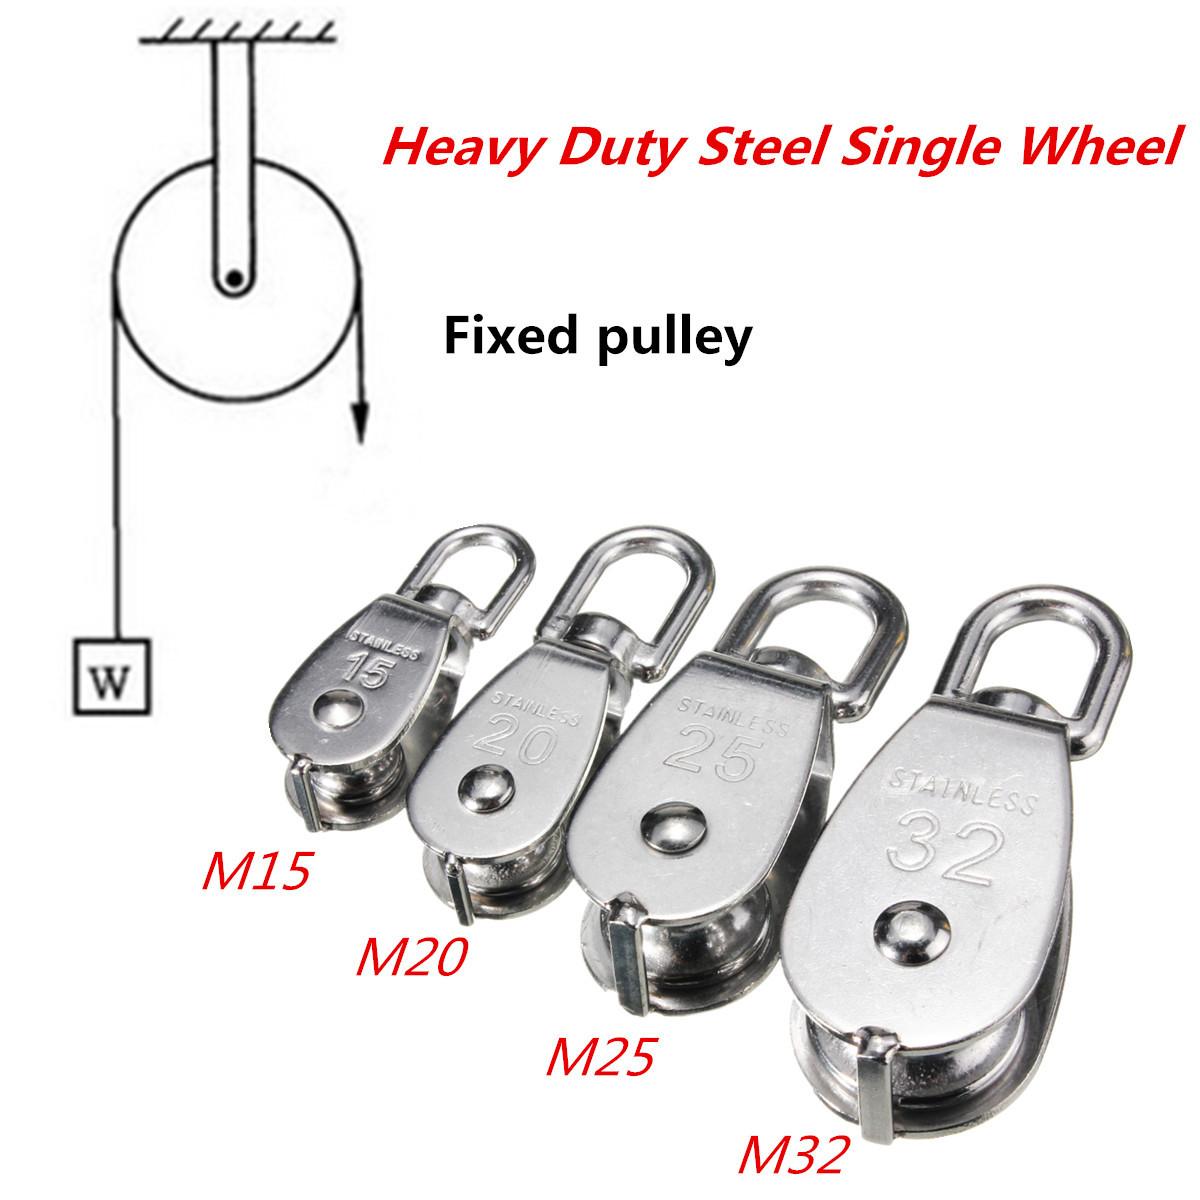 304 Stainless Steel Heavy Duty Pulley Single Wheel Swivel Lifting ...